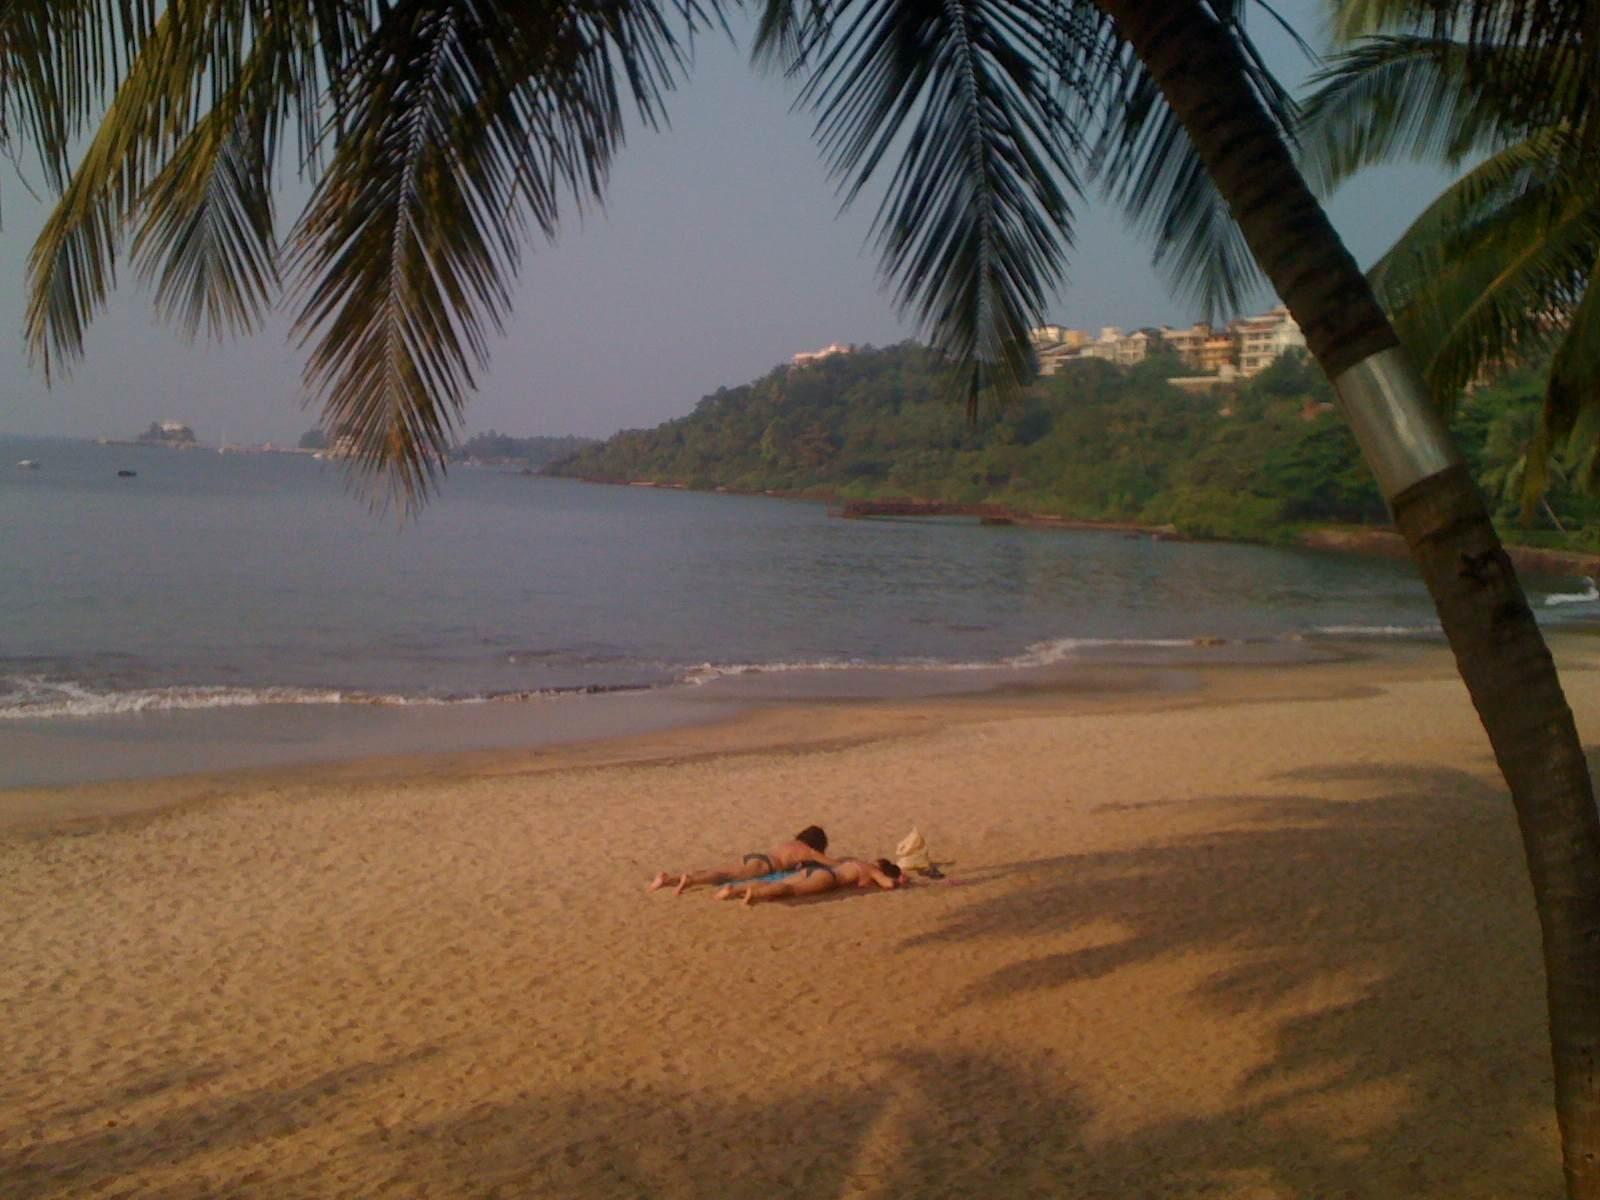 沙滩上晒太阳的比基尼美女